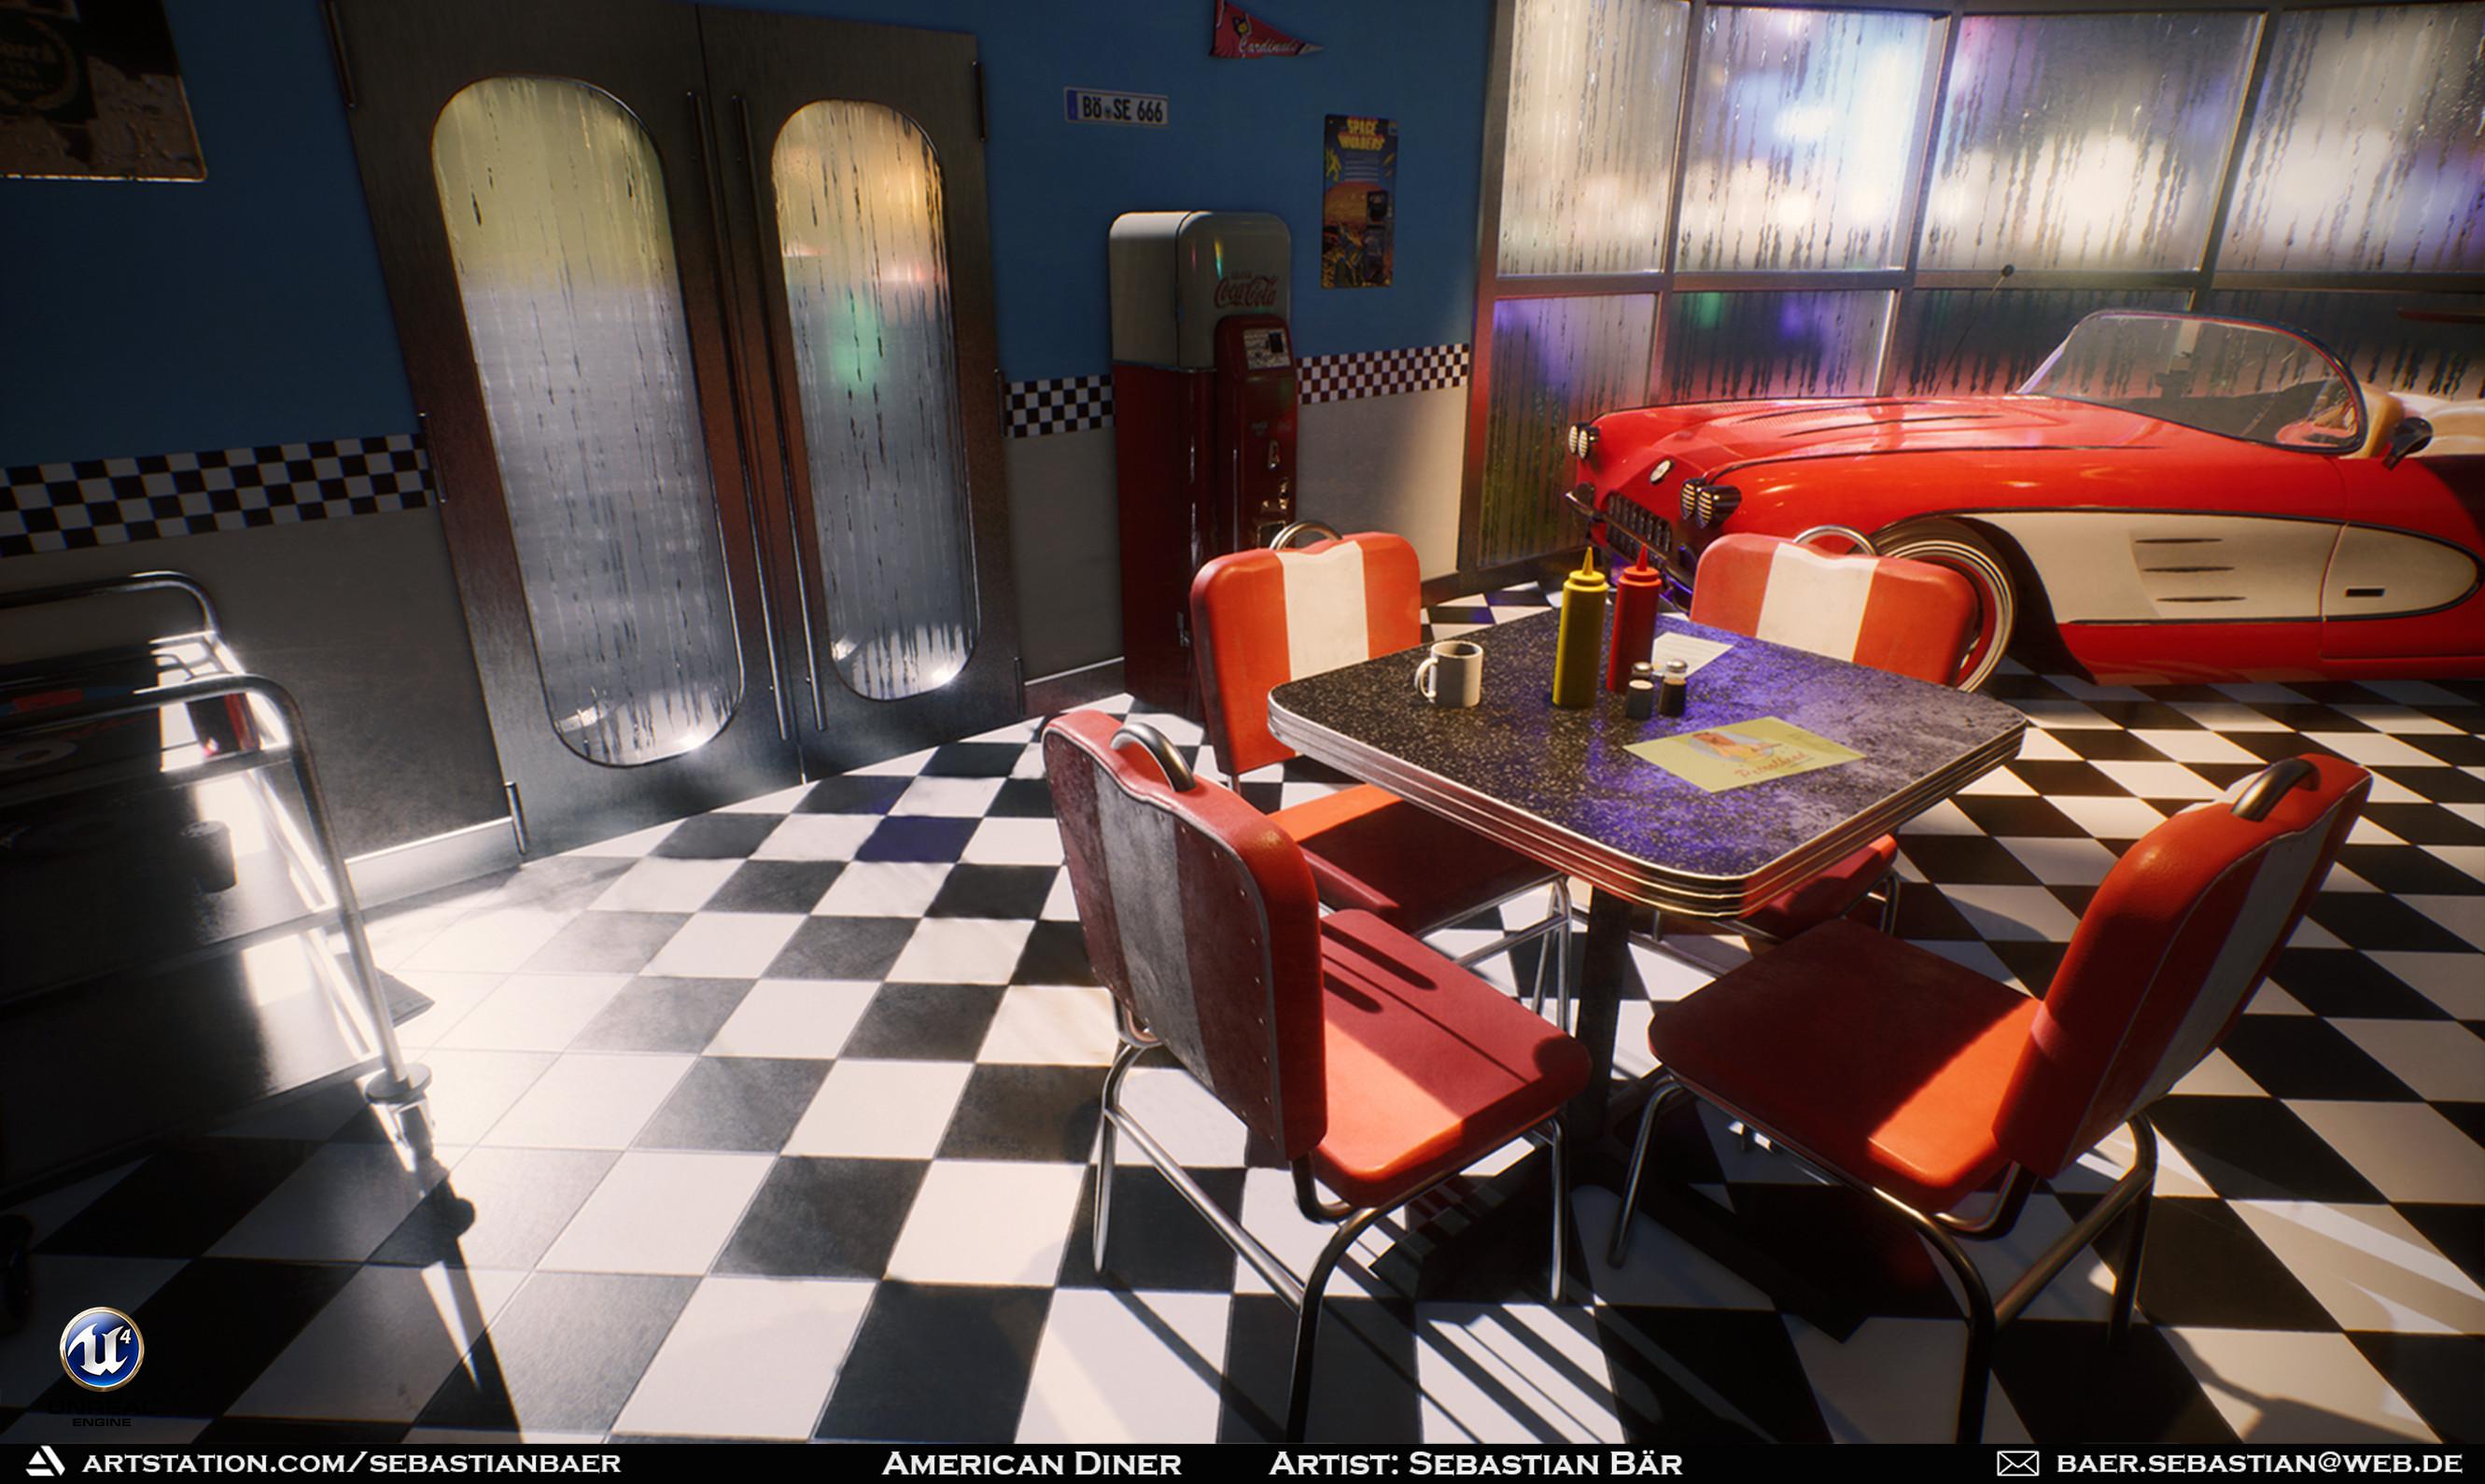 Sebastian Bar American Diner Ue4